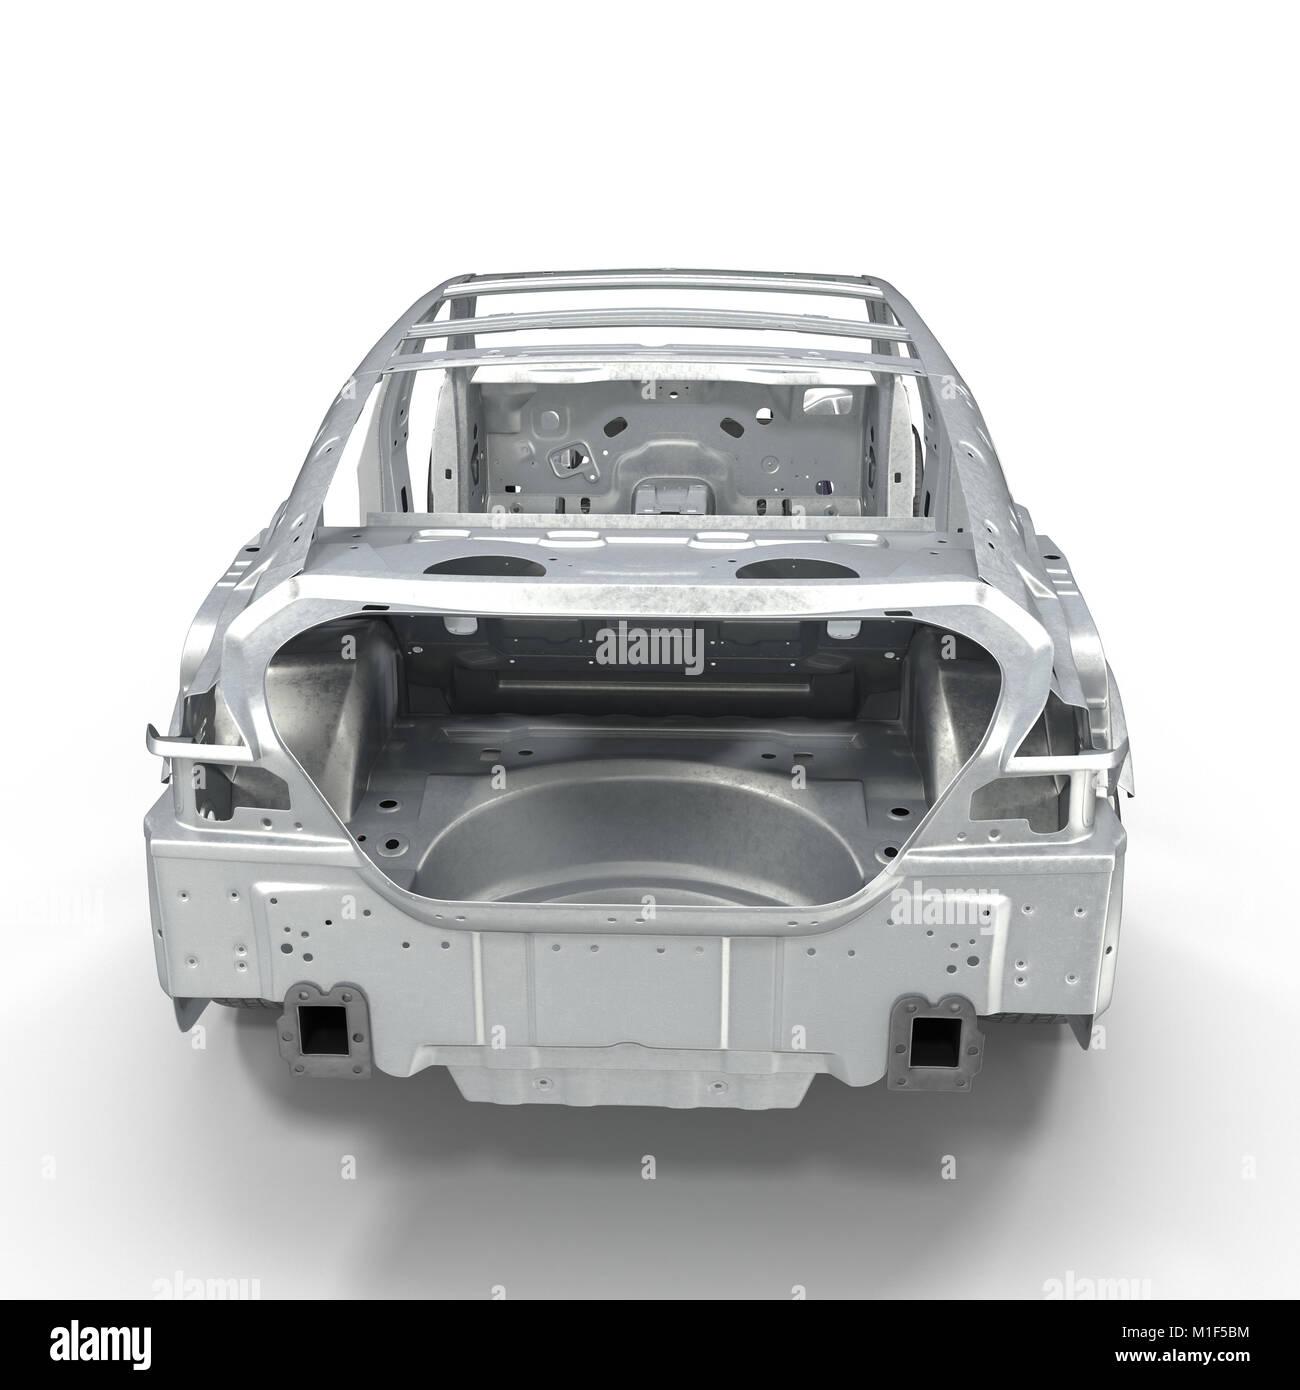 Auto Rahmen mit Chassis auf Weiß. 3D-Darstellung Stockfoto, Bild ...